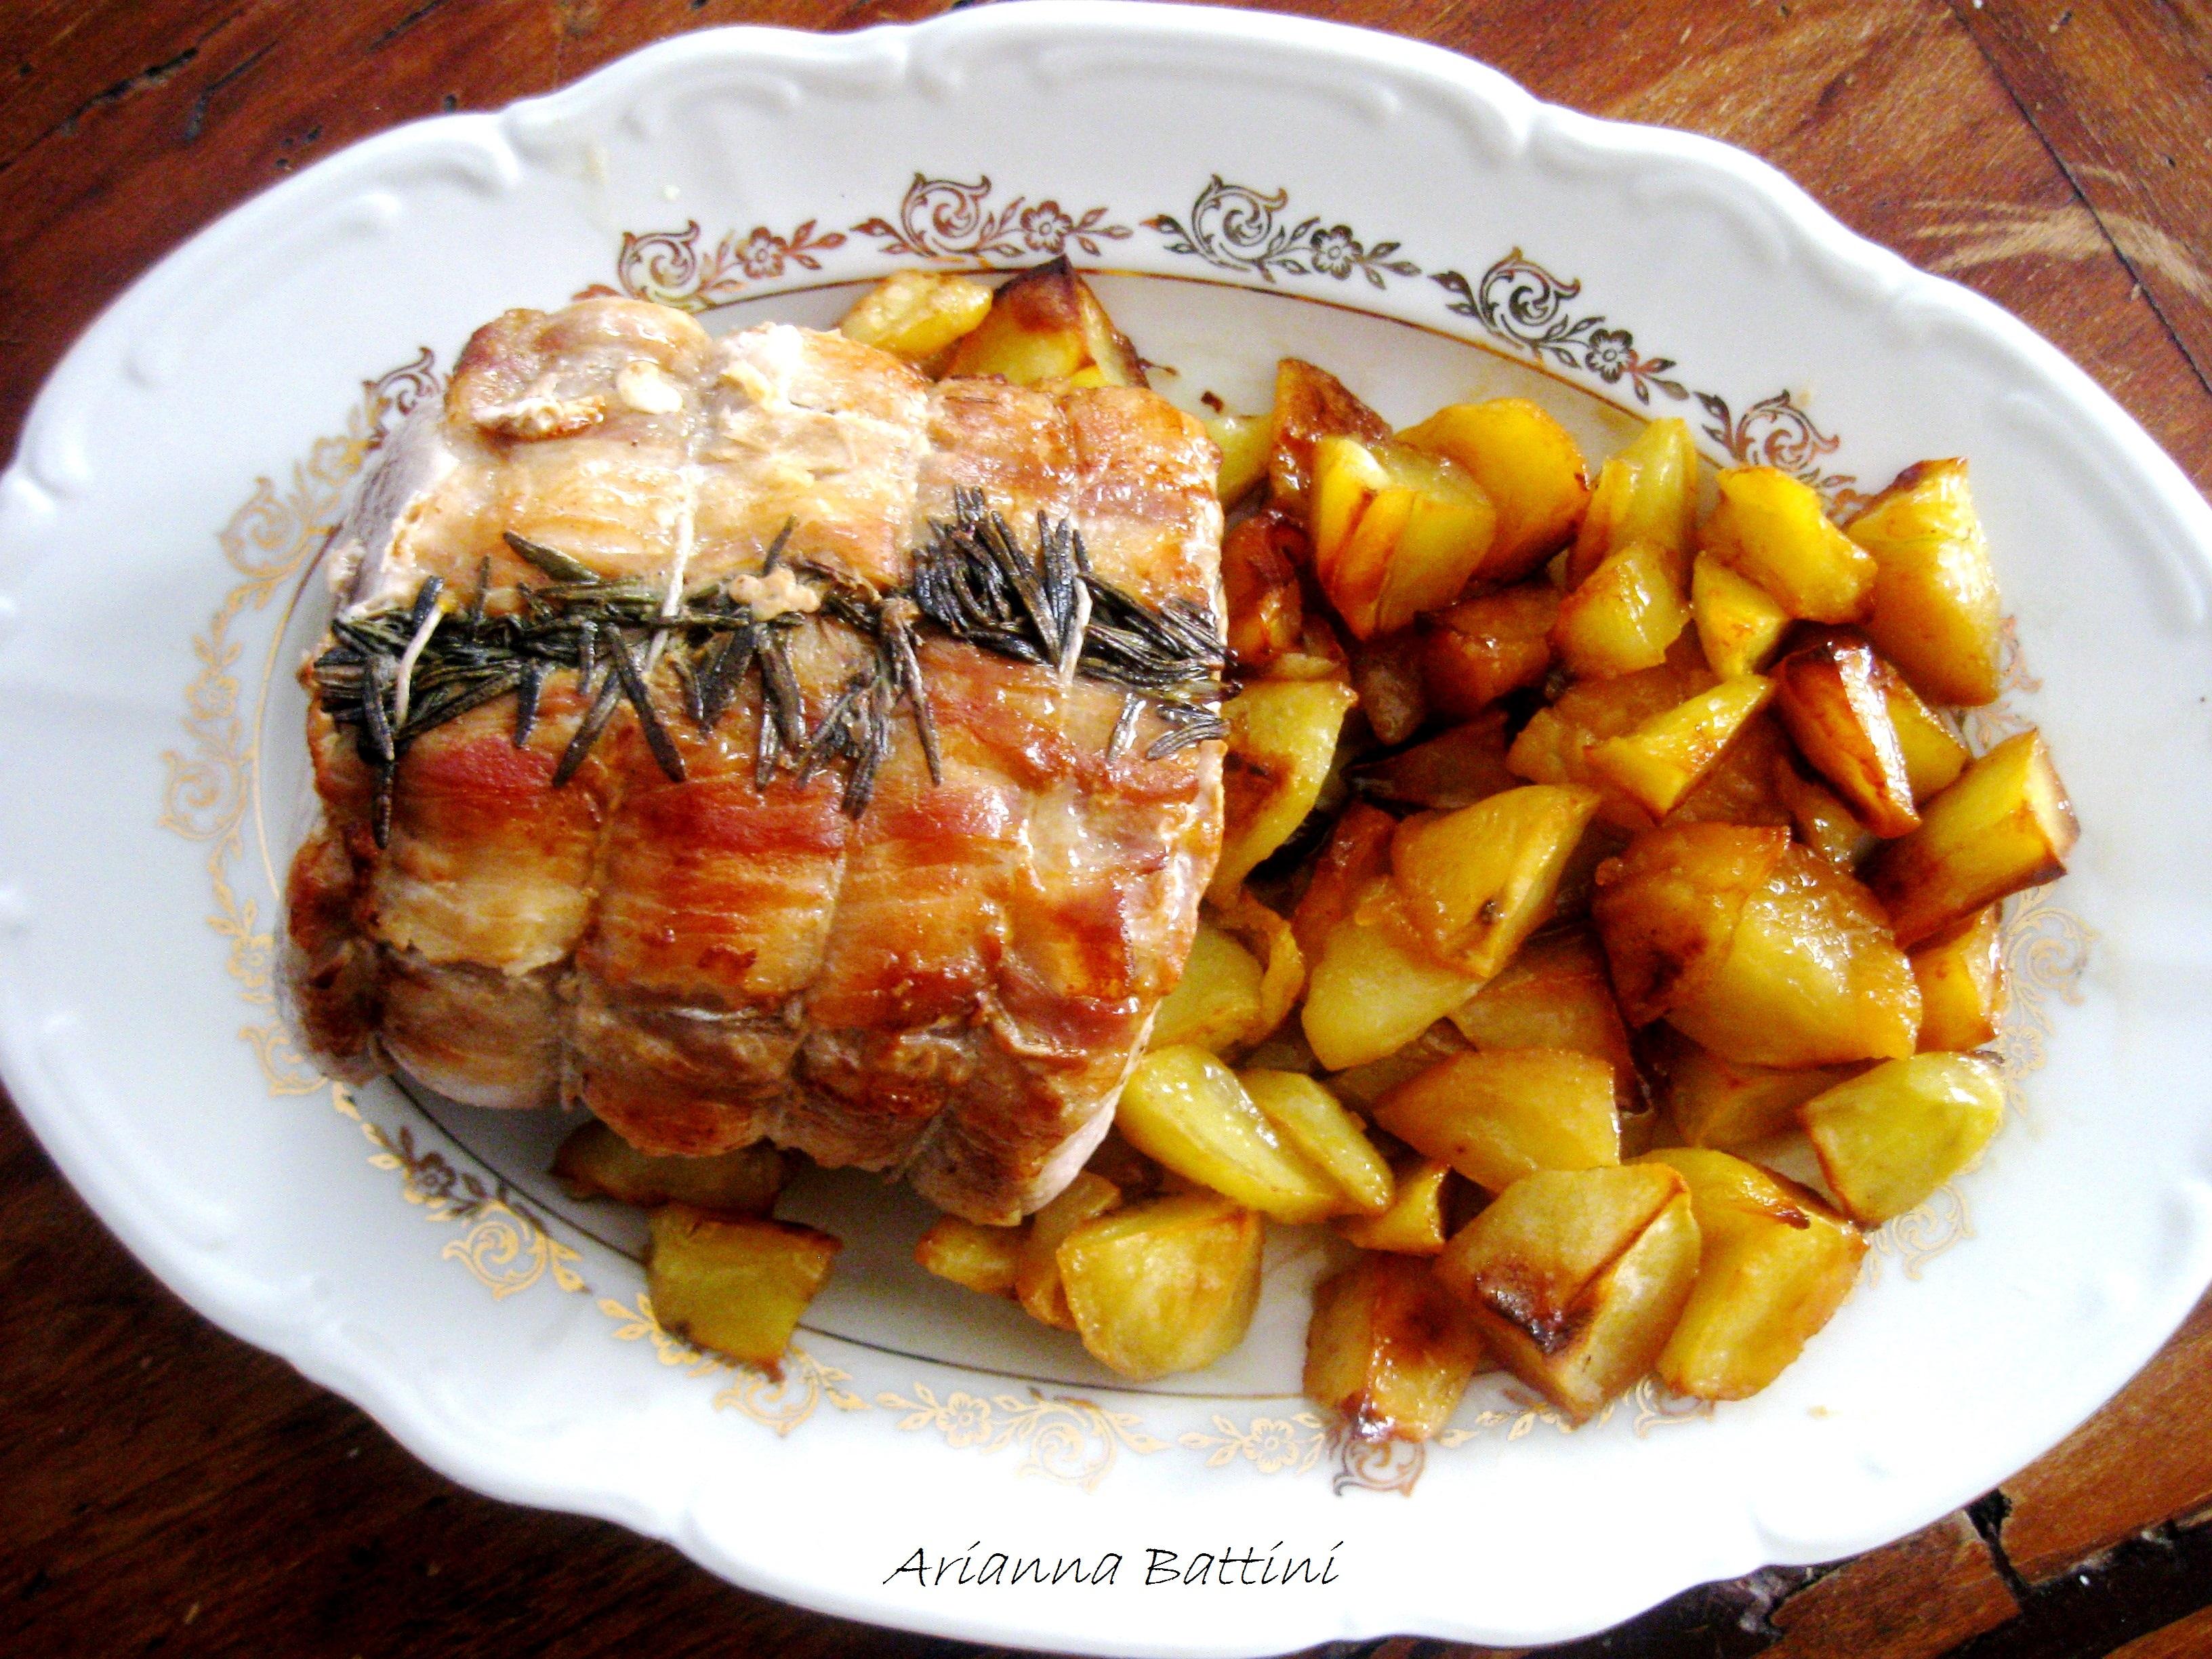 Una semplice Arista Lardellata al forno con patatine.